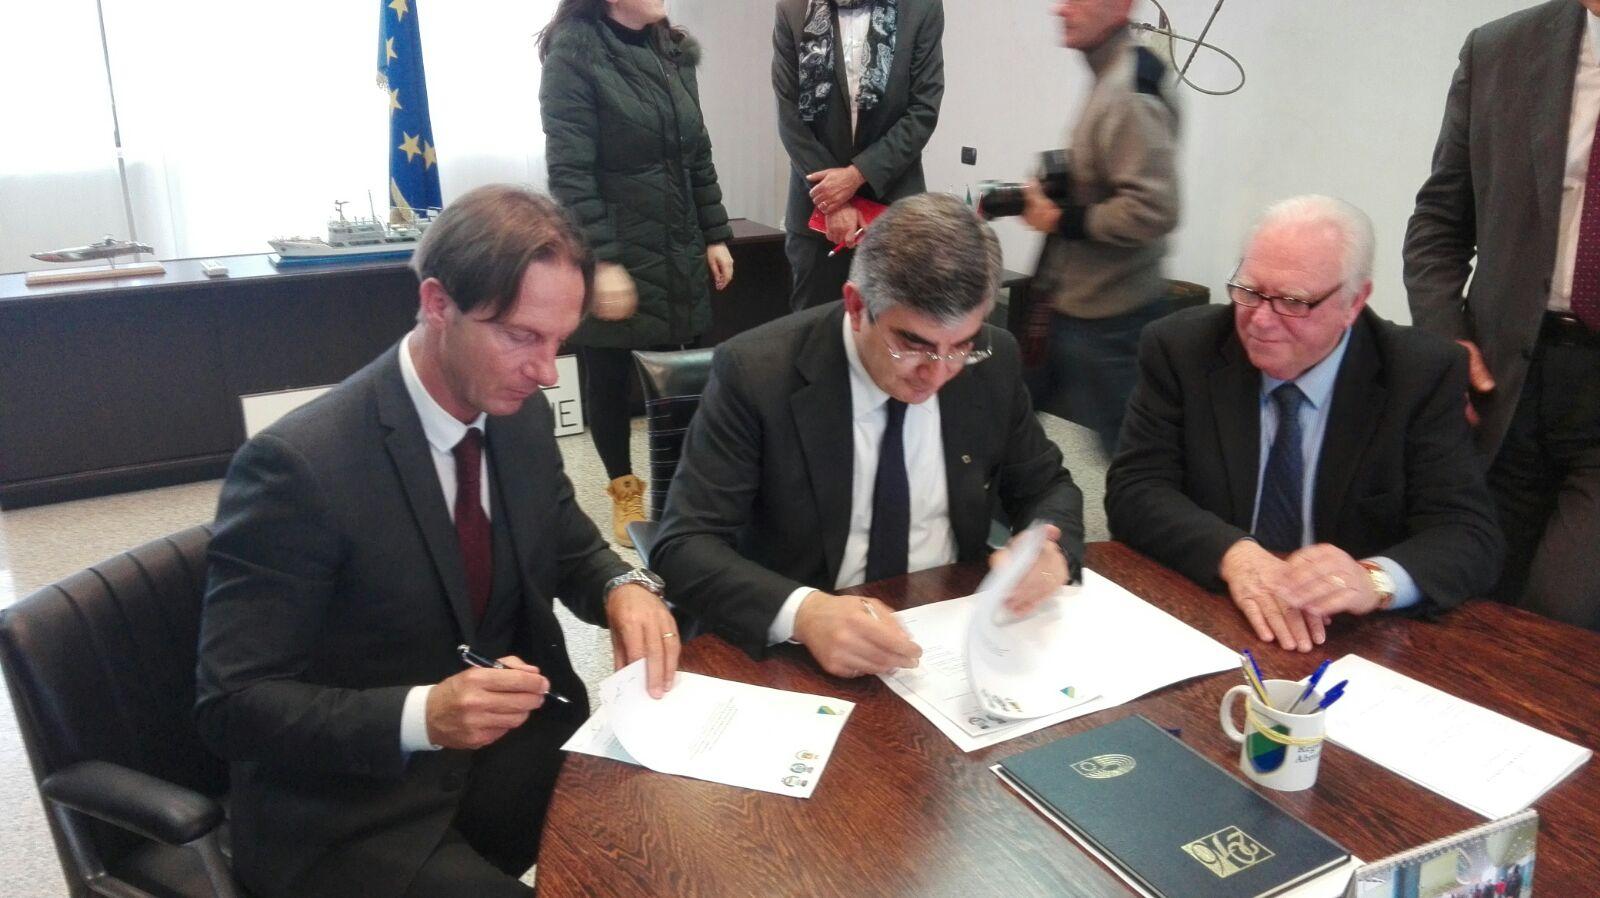 Gruppo di lavoro sull'ospedale, Il sindaco Mastromauro  riscrive a D'Alfonso chiedendogli di fissare la date della seconda riunione